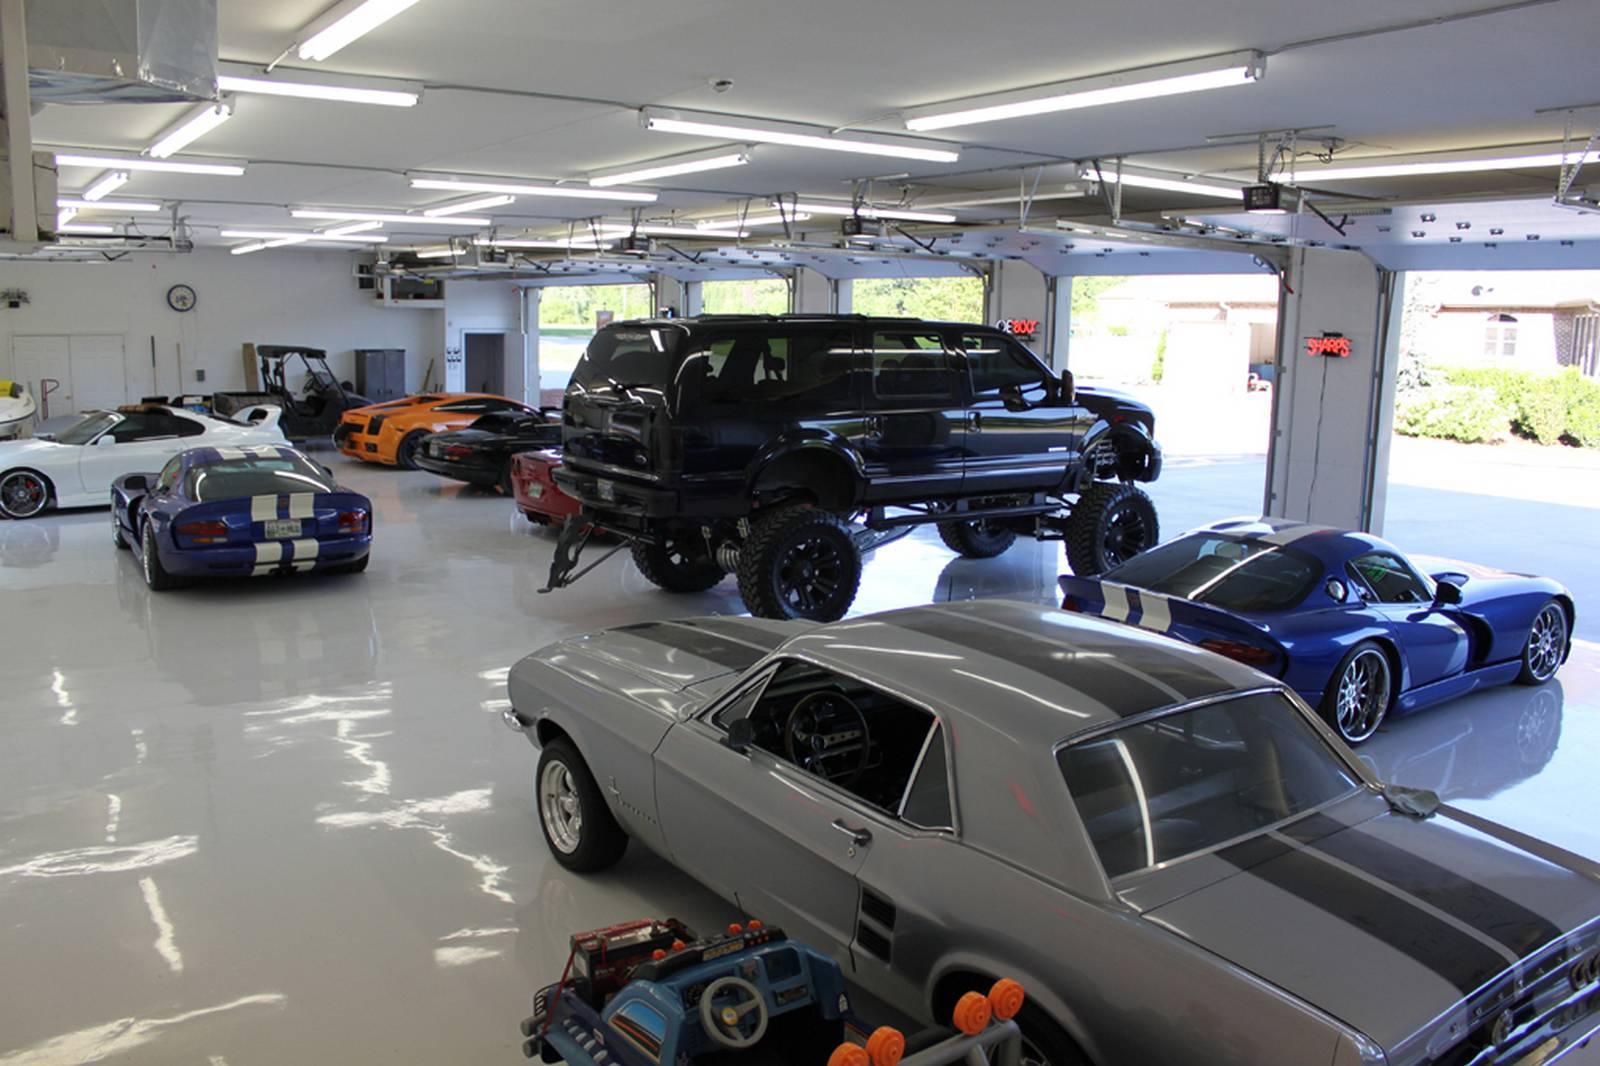 Gallery Supercar Collection Of Top Gun Customz Founder Gtspirit